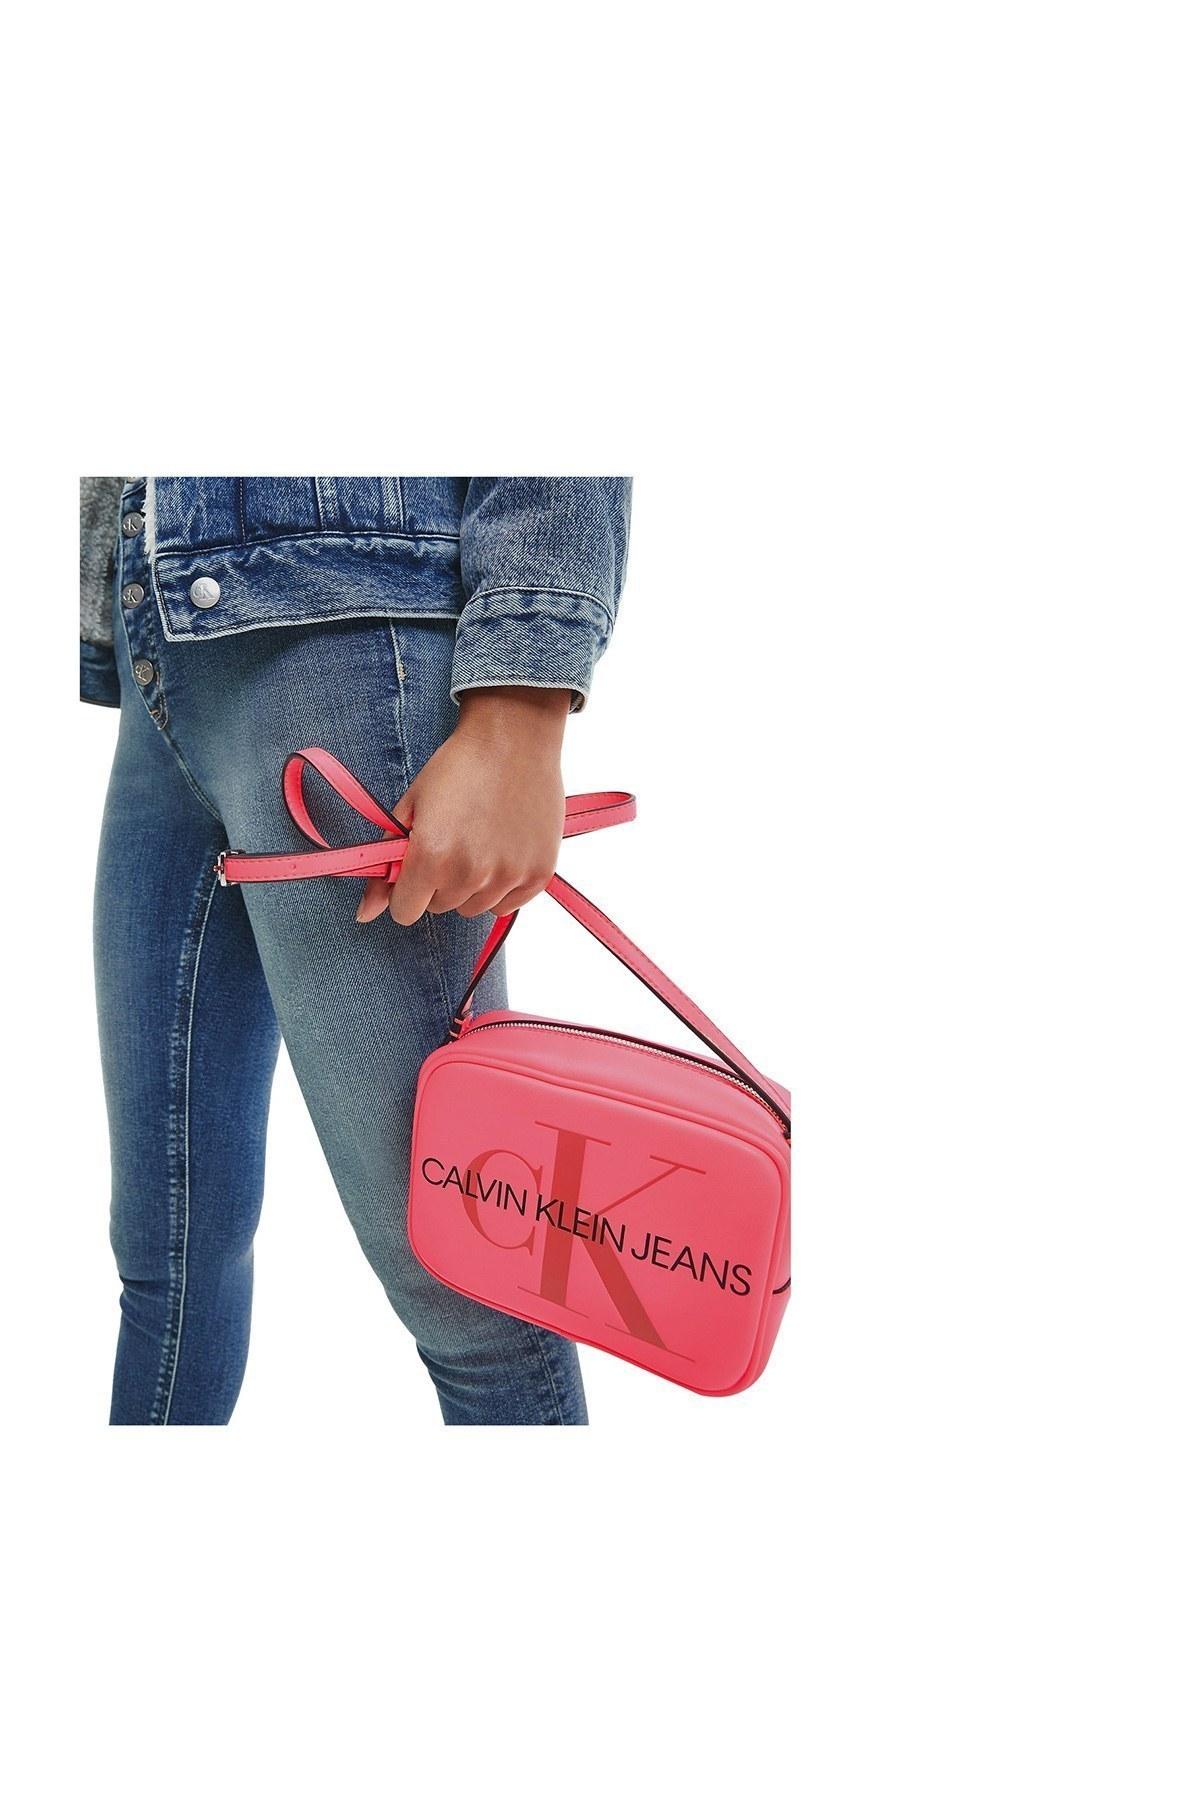 Calvin Klein Logo Baskılı Ayarlanabilir Askılı Kadın Çanta K60K607202 TGM PEMBE